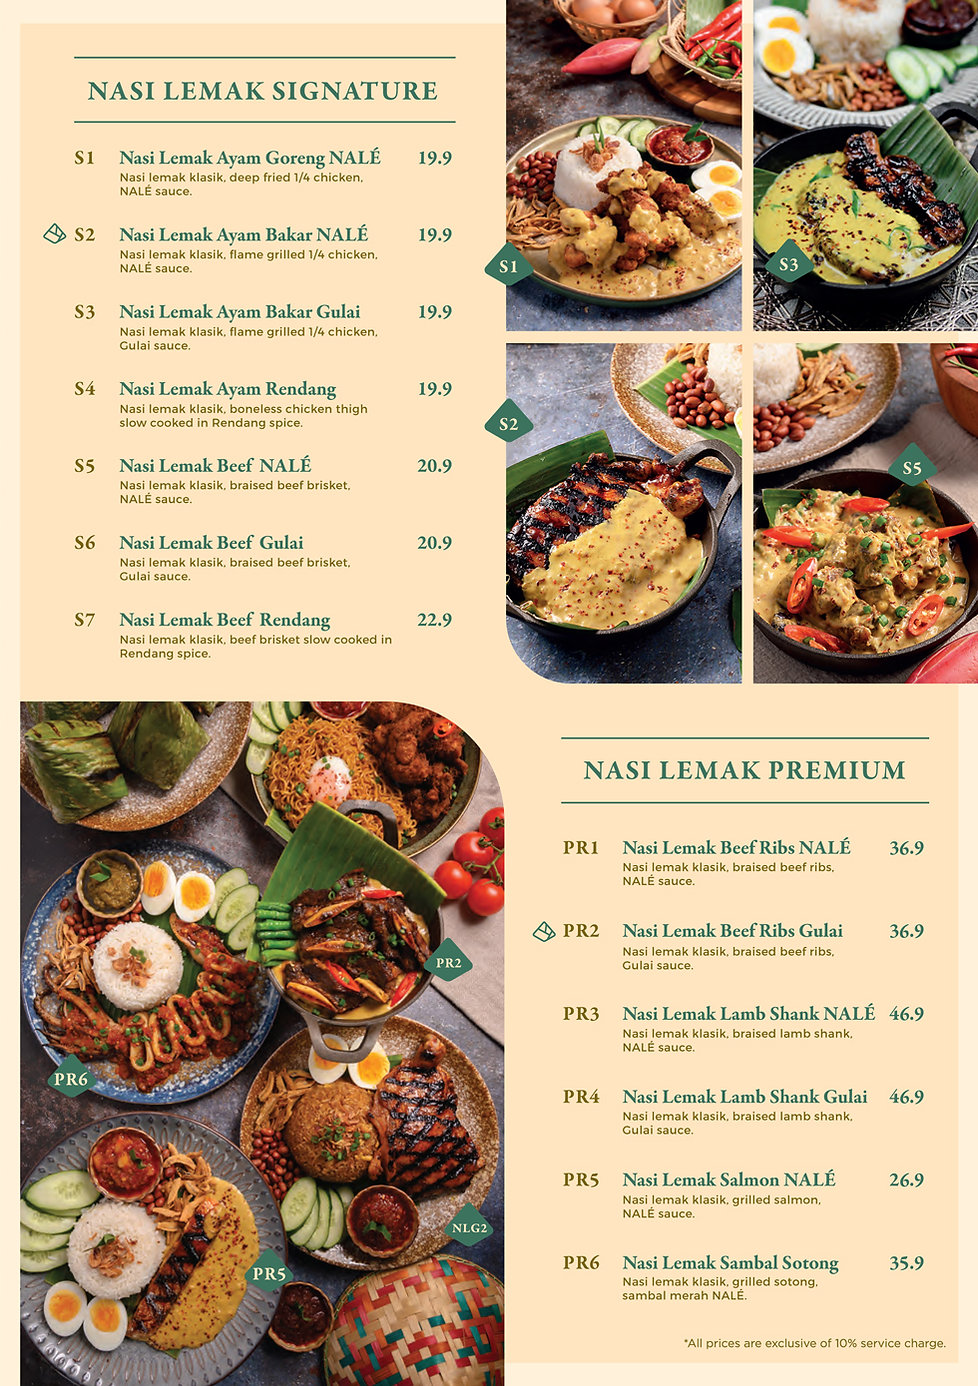 nale_menu_split_02062021-980-02.jpg